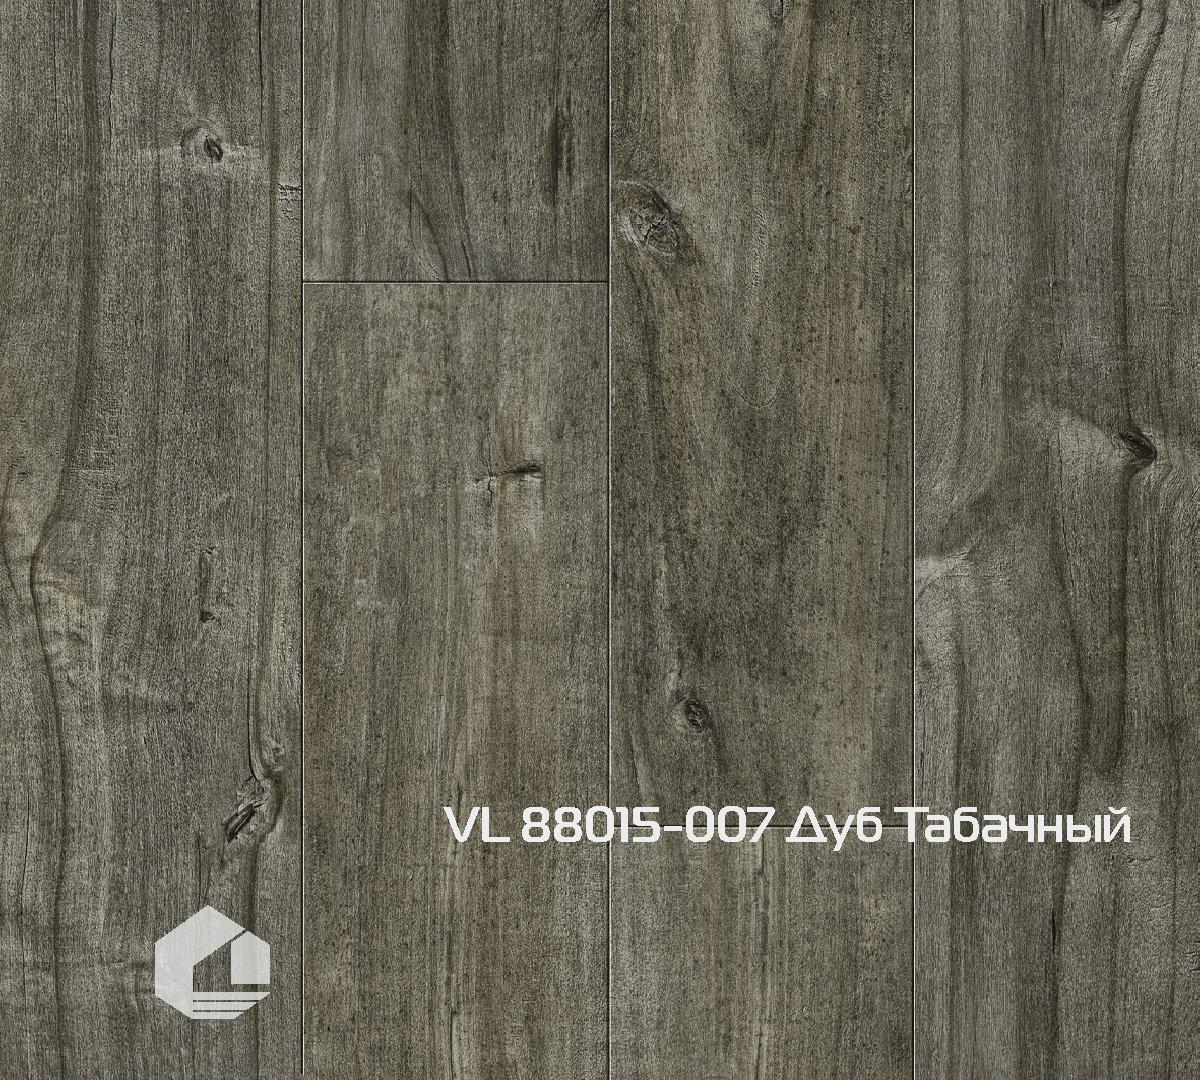 Кварцевый ламинат Fargo Comfort VL 88015-007